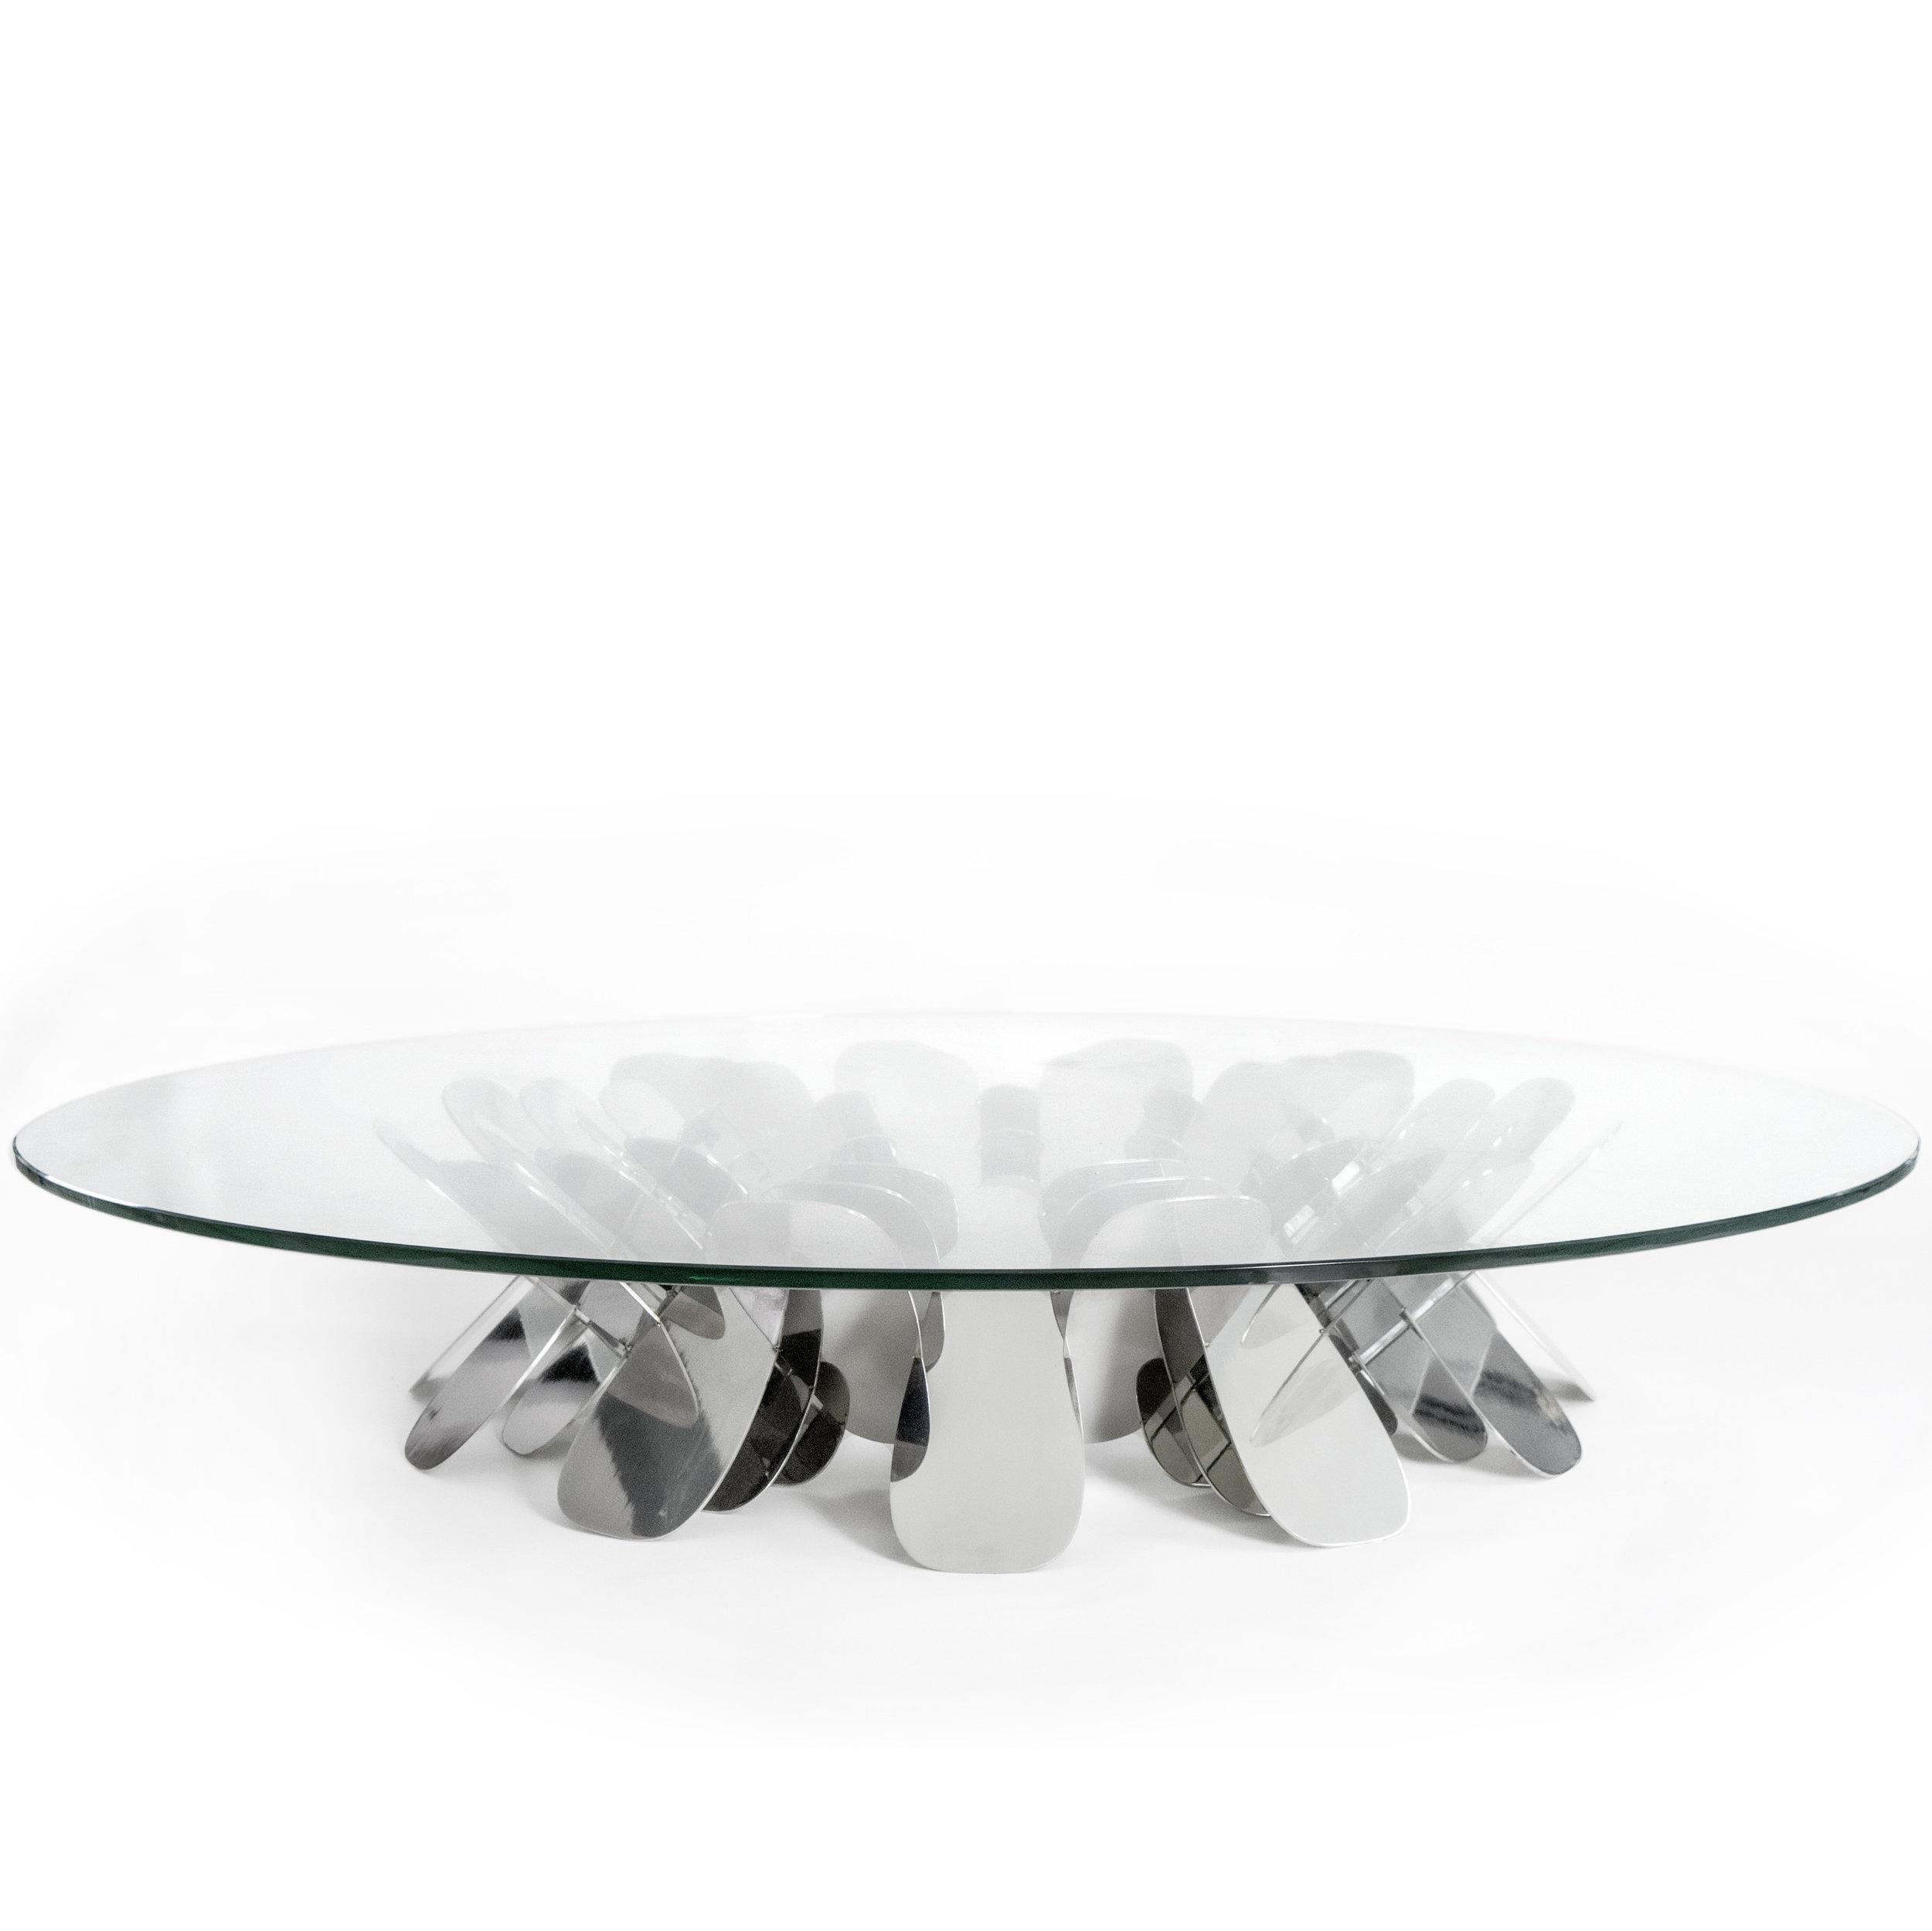 PEDRO CERISOLA - NARCISO TABLE